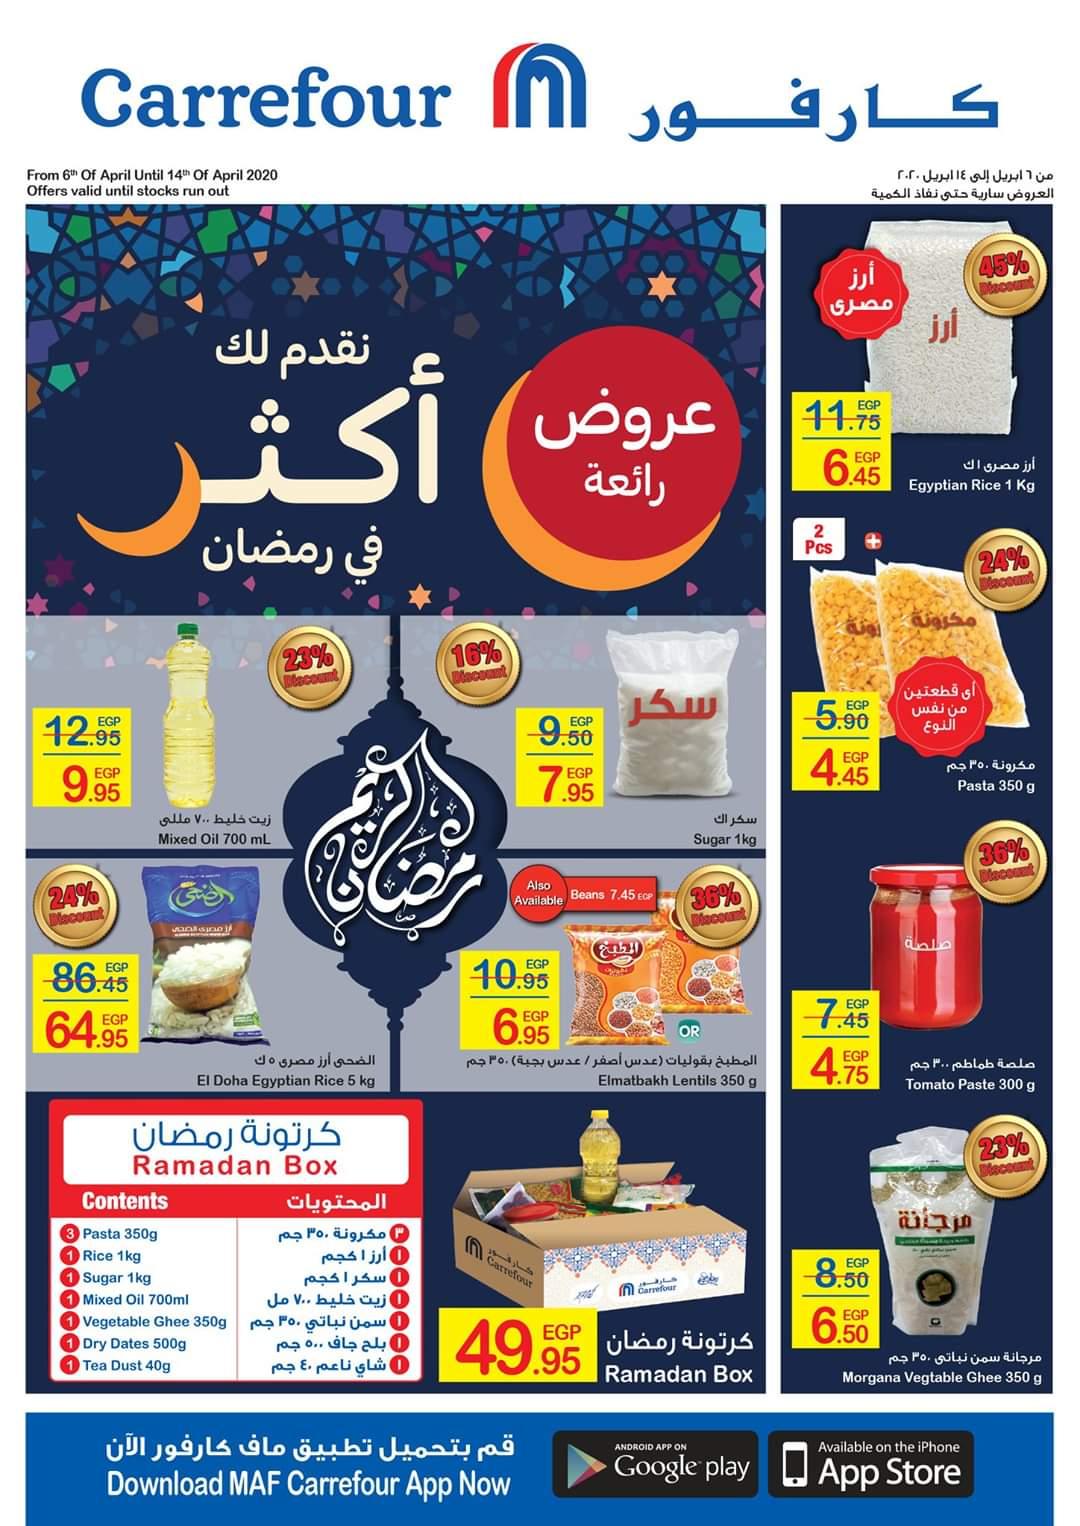 عروض كارفور مصر | عروض رمضان من 6 ابريل حتى 14 ابريل 2020 هايبرماركت